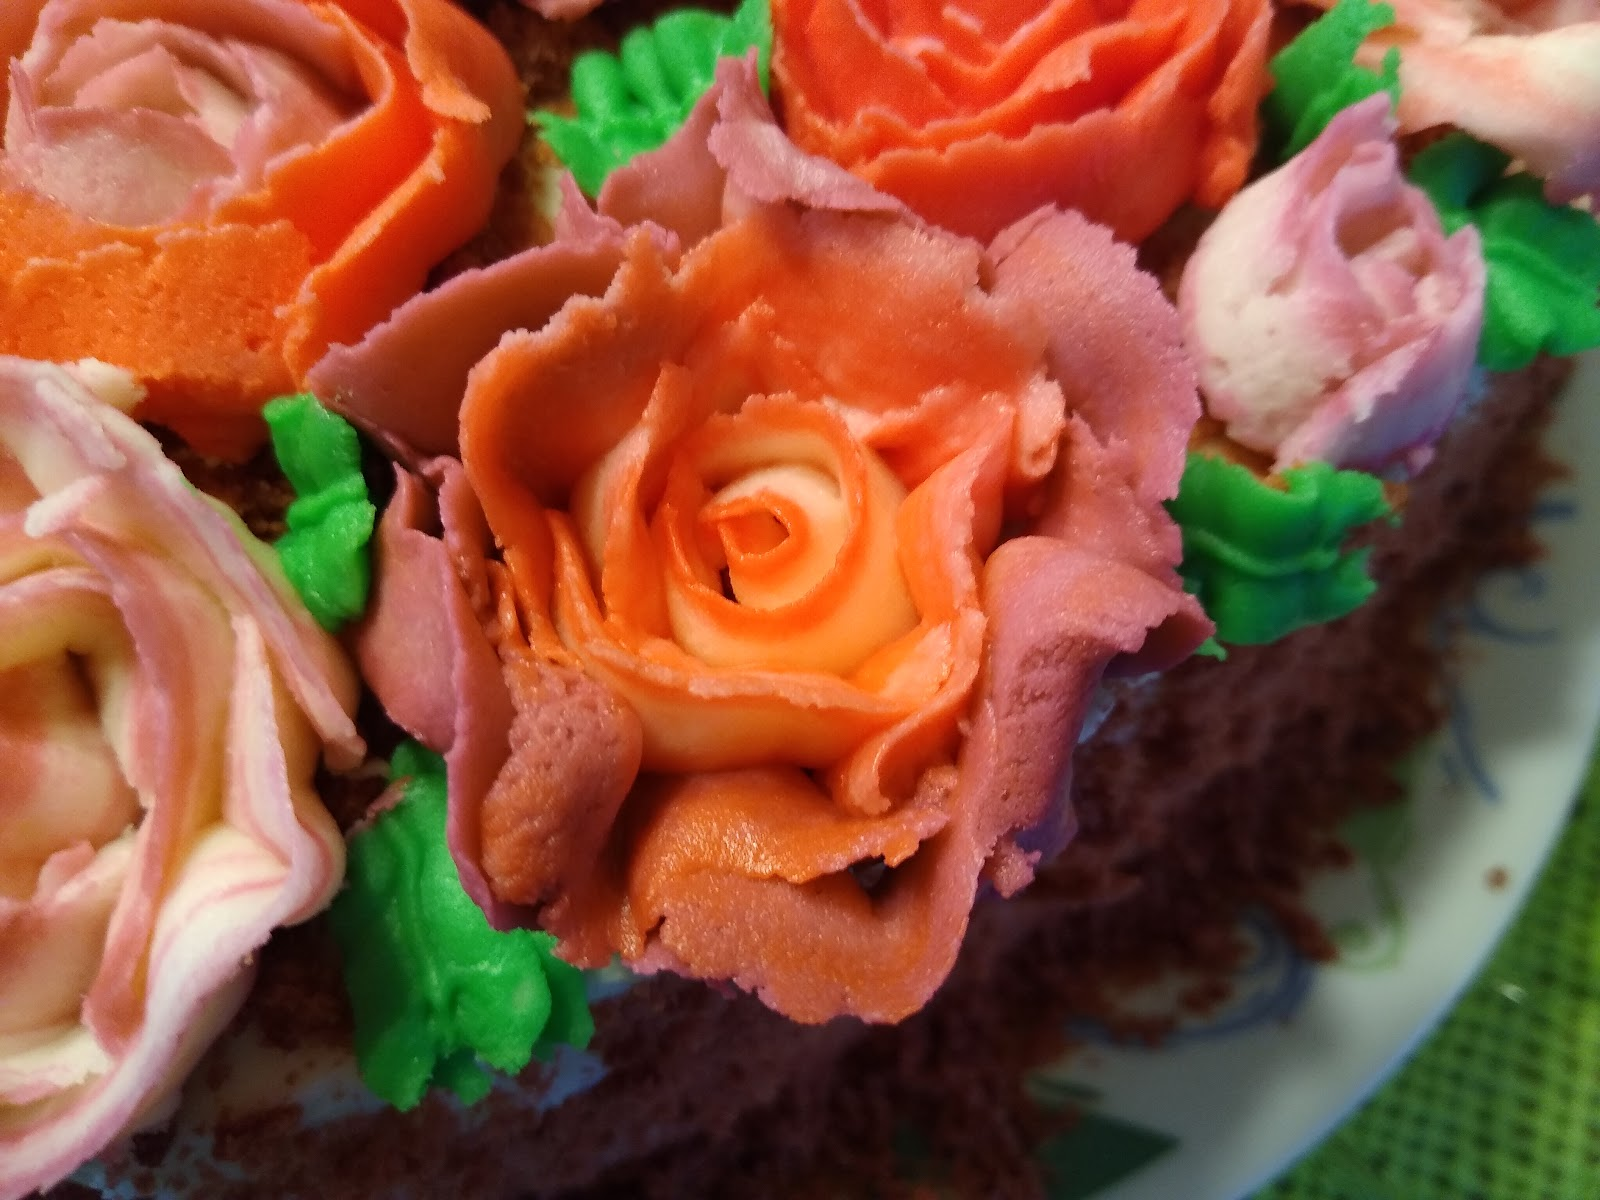 tri-color buttercream rose picture